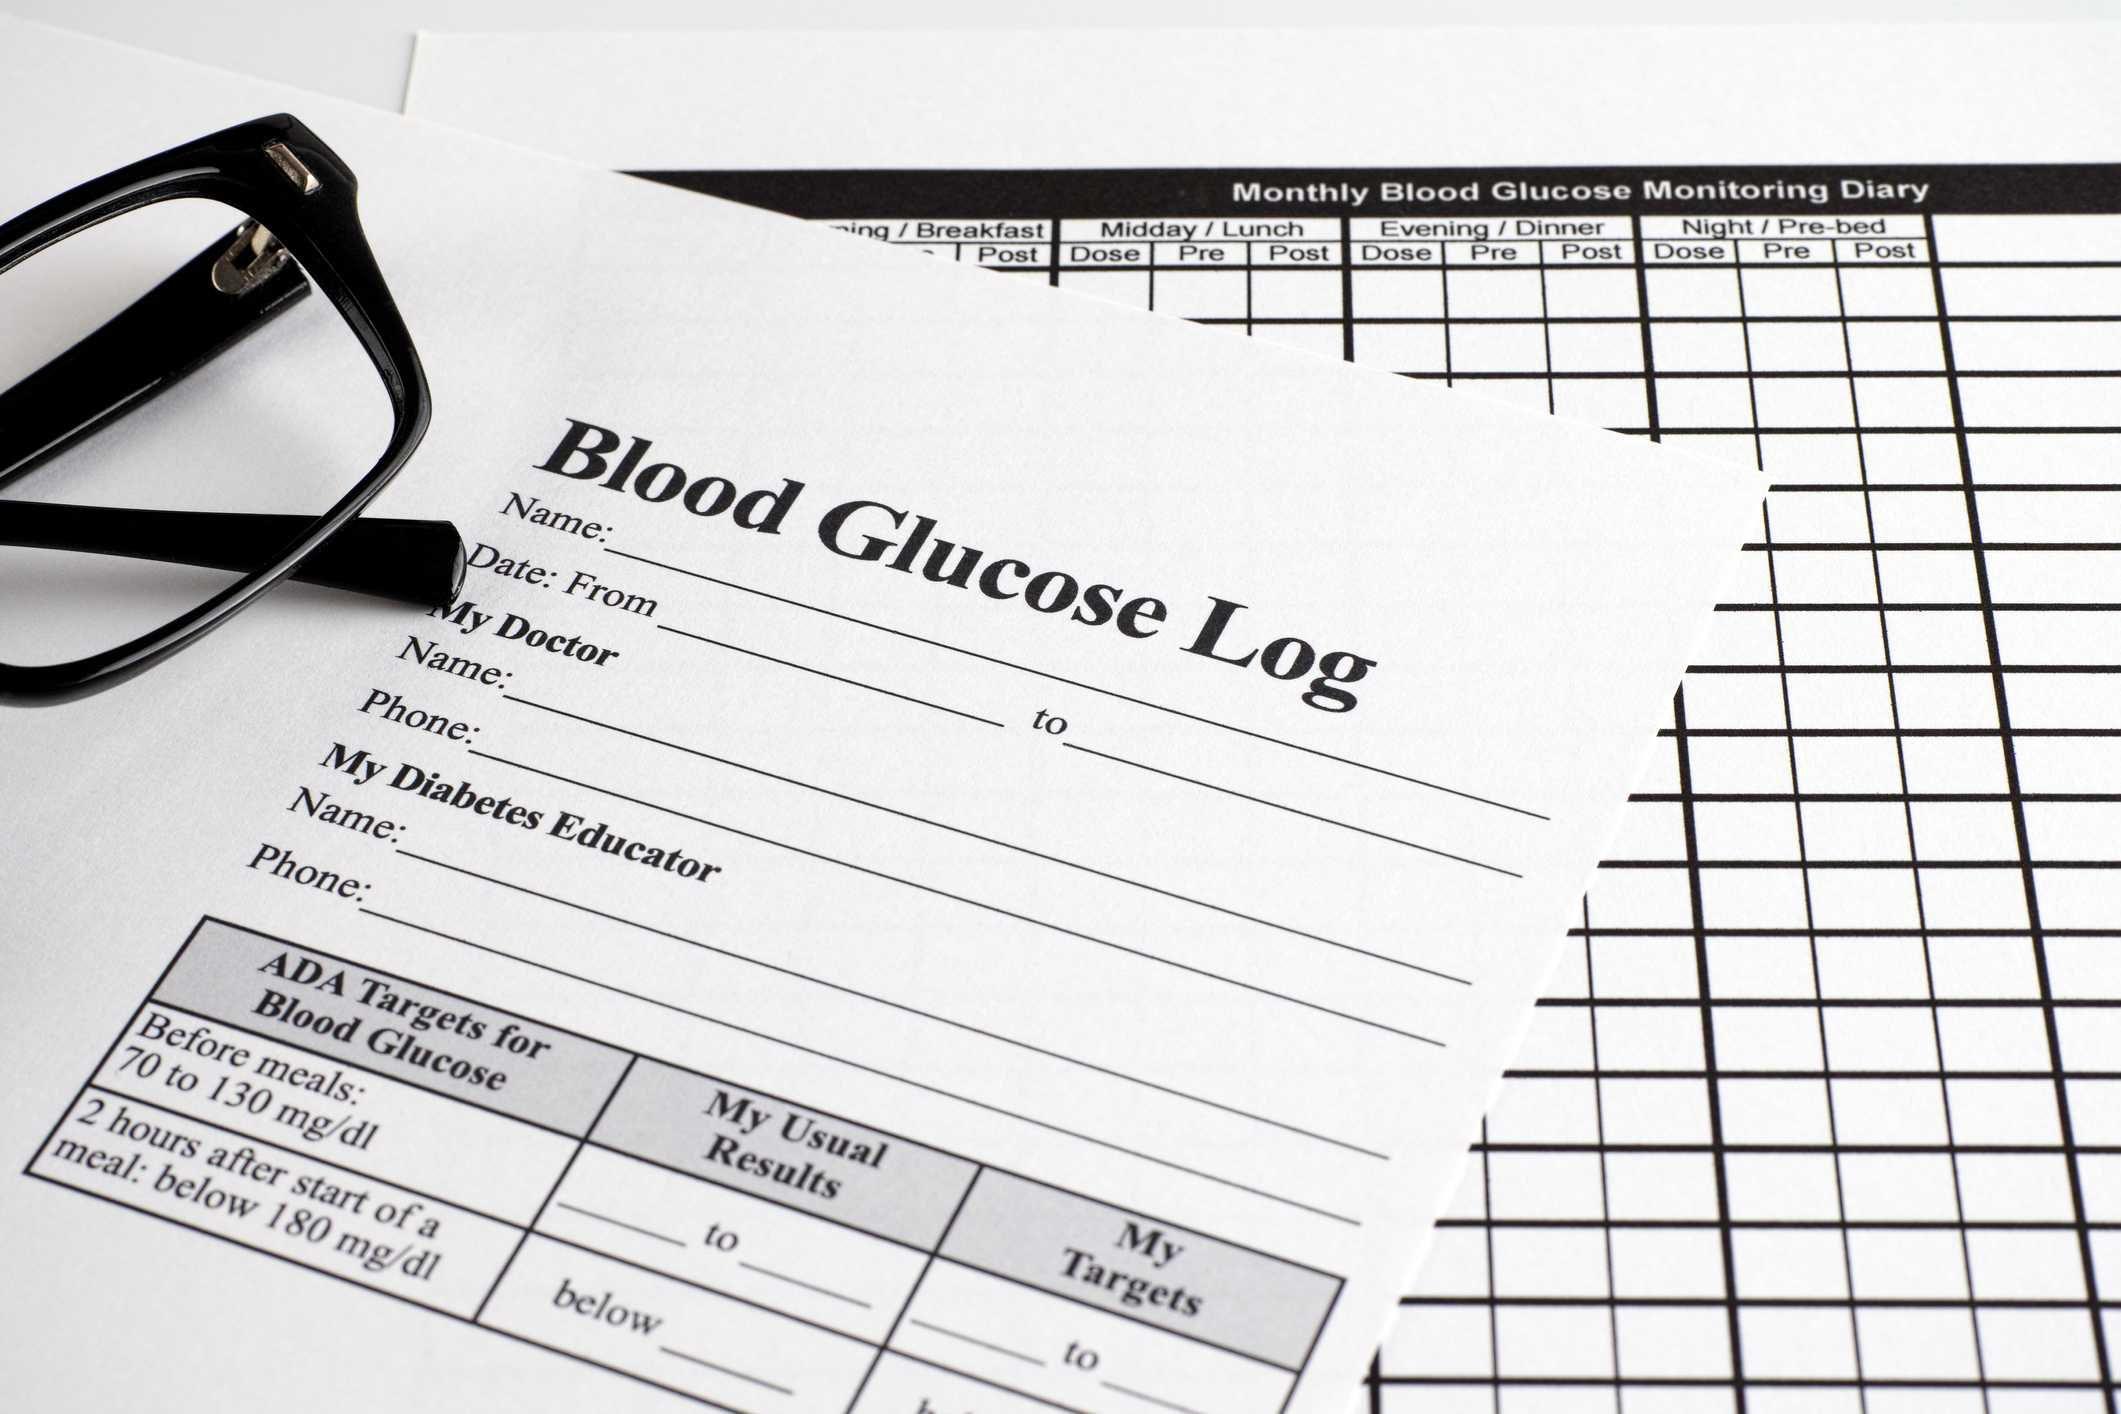 009 Rare Blood Glucose Diary Template Idea Full